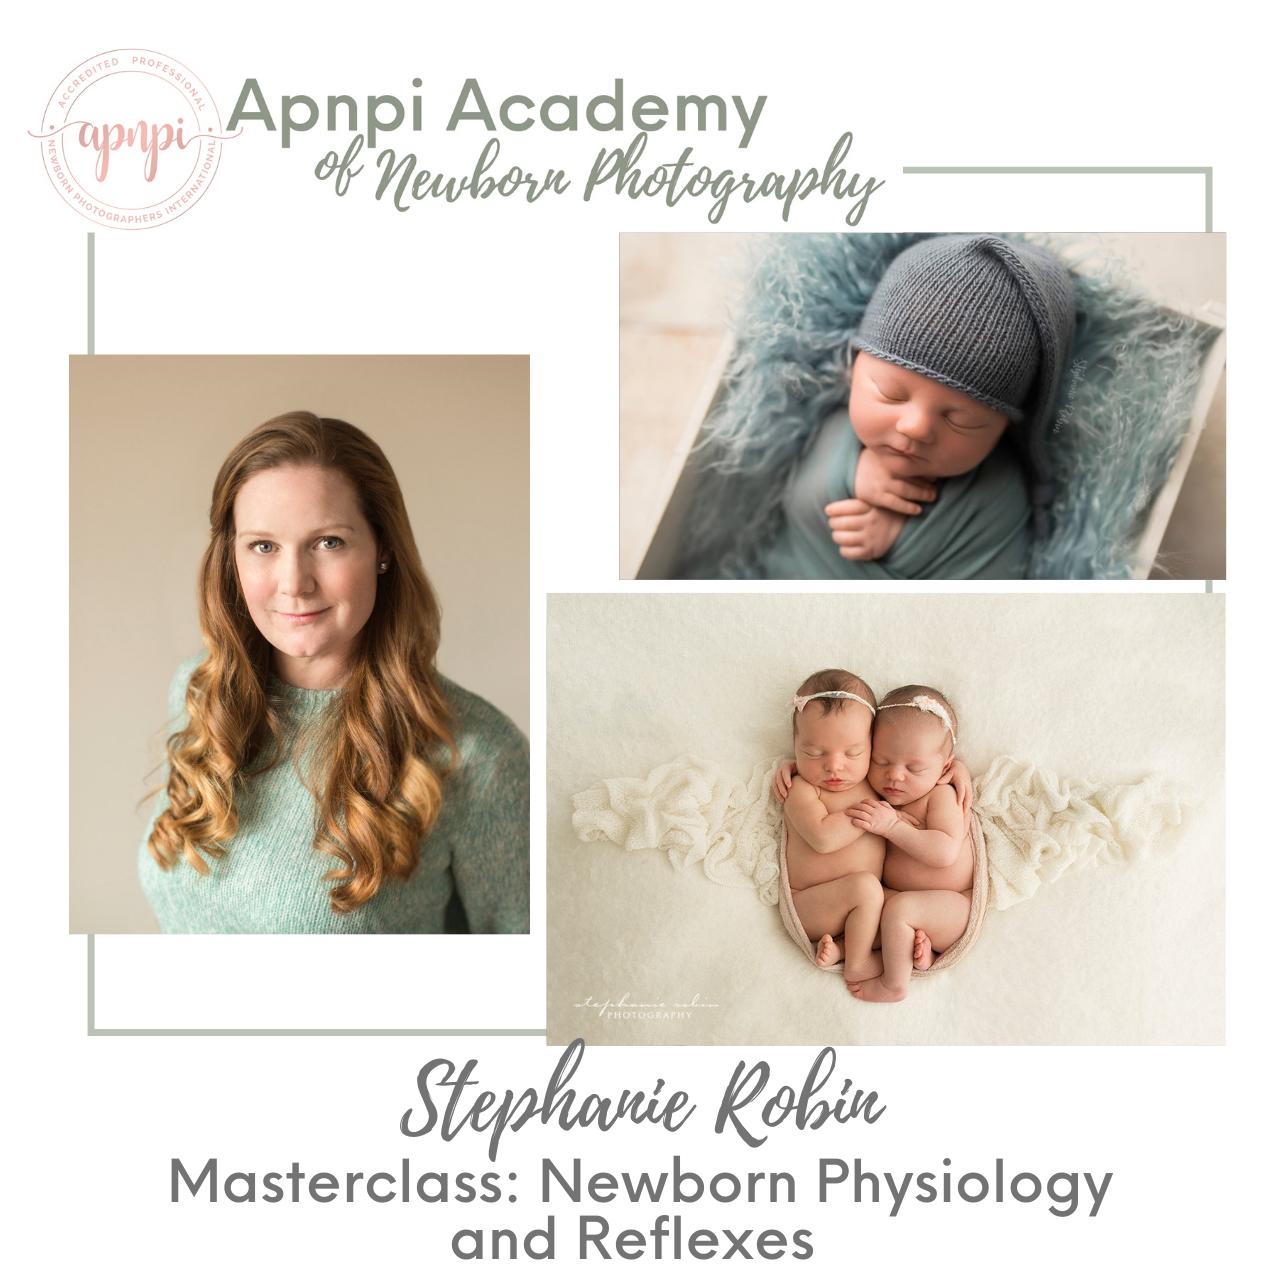 Stephanie Robin Newborn Physiology and Reflexes APNPI Academy Course